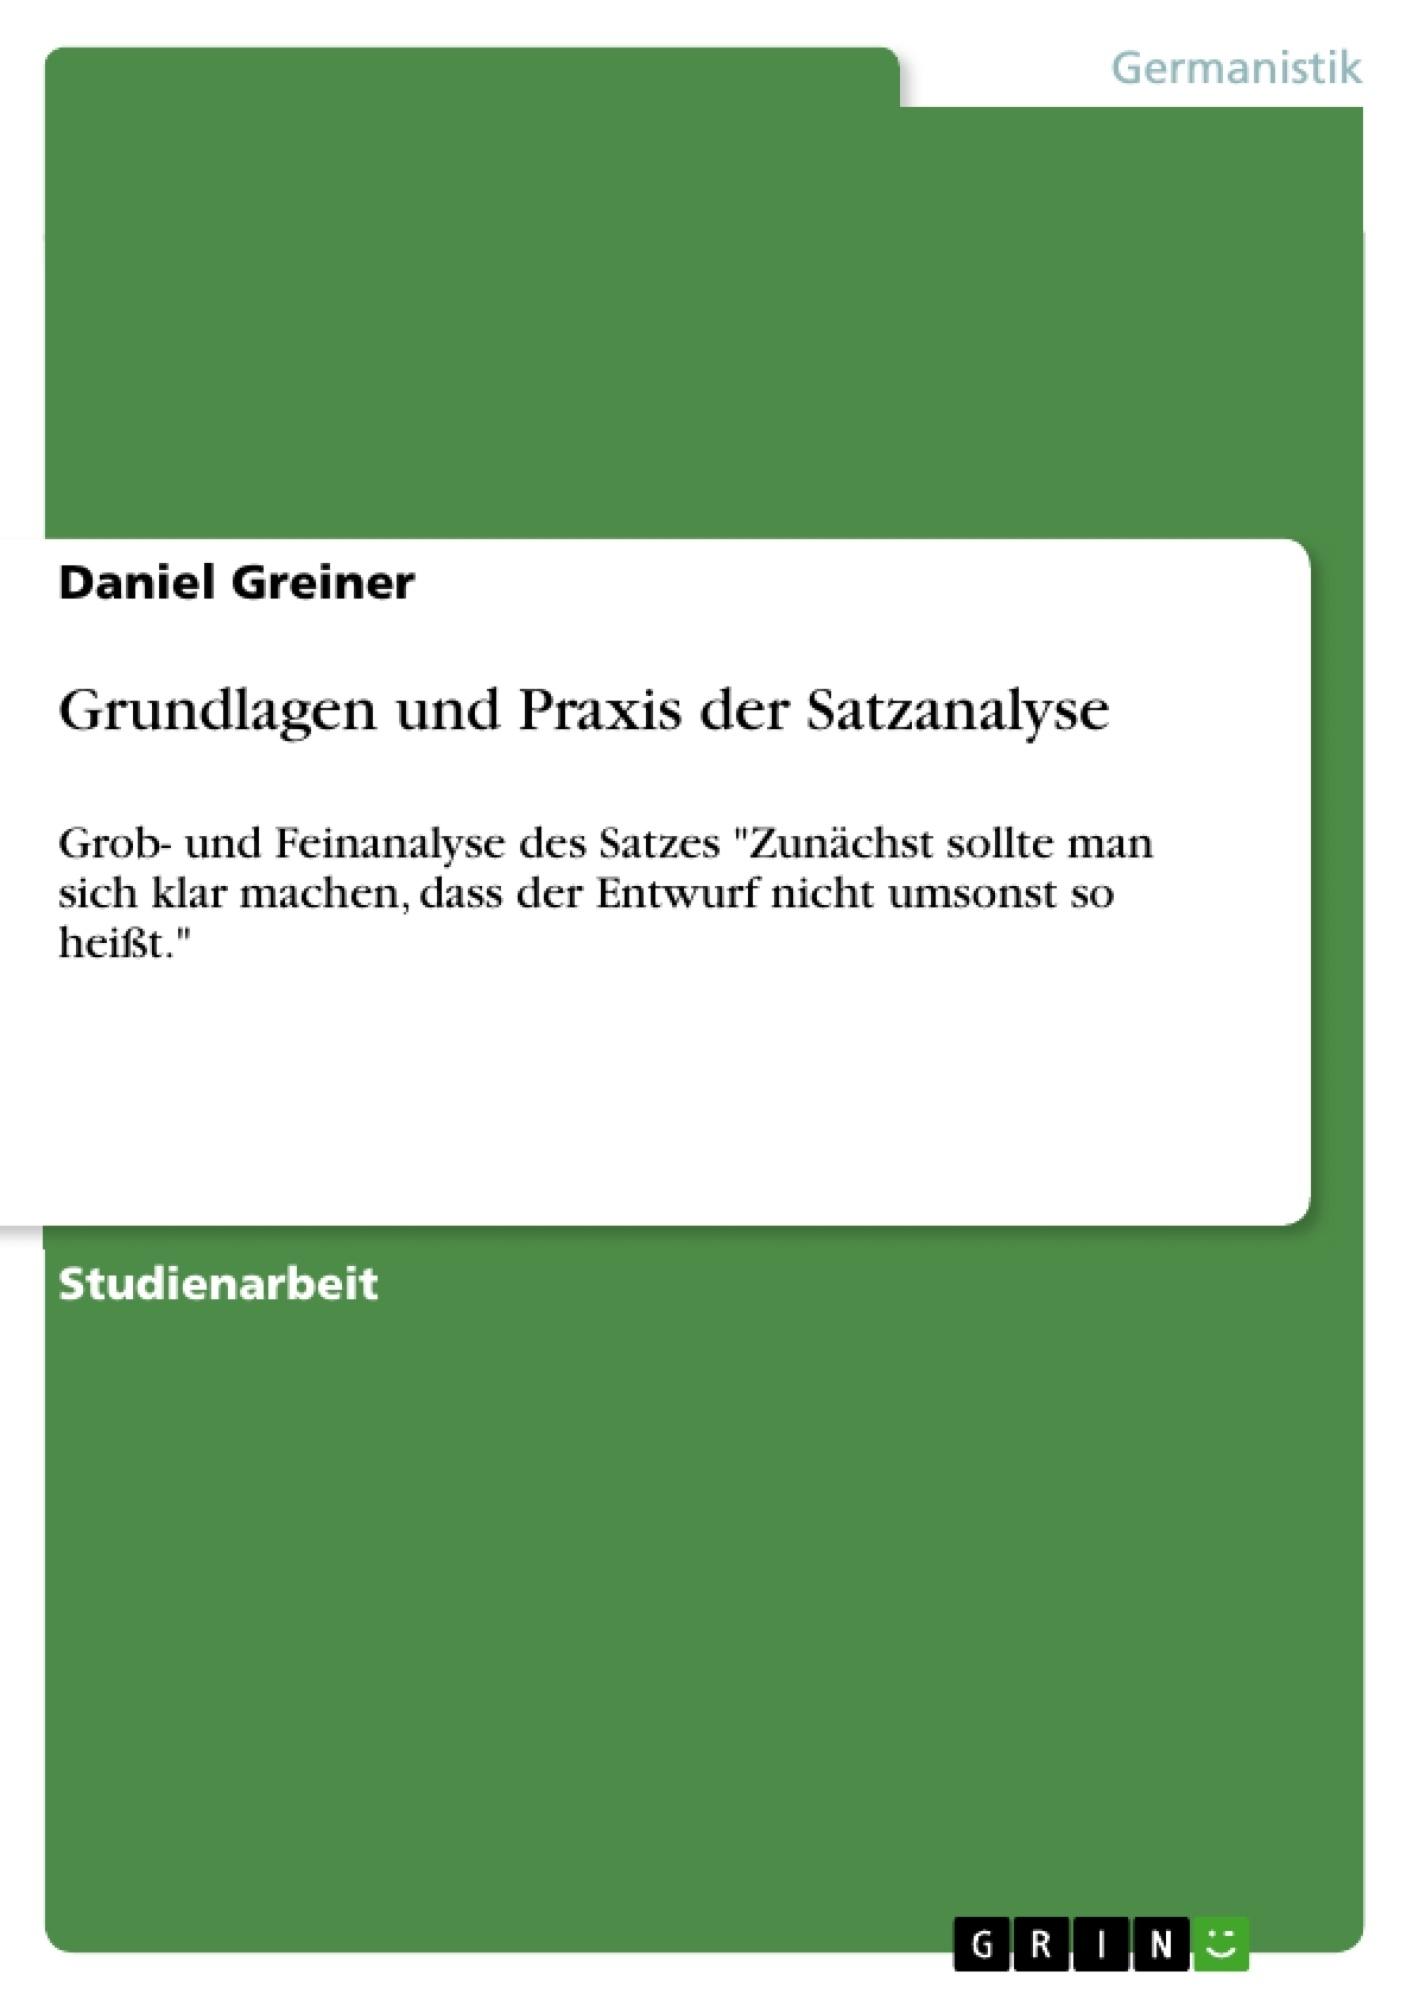 Titel: Grundlagen und Praxis der Satzanalyse